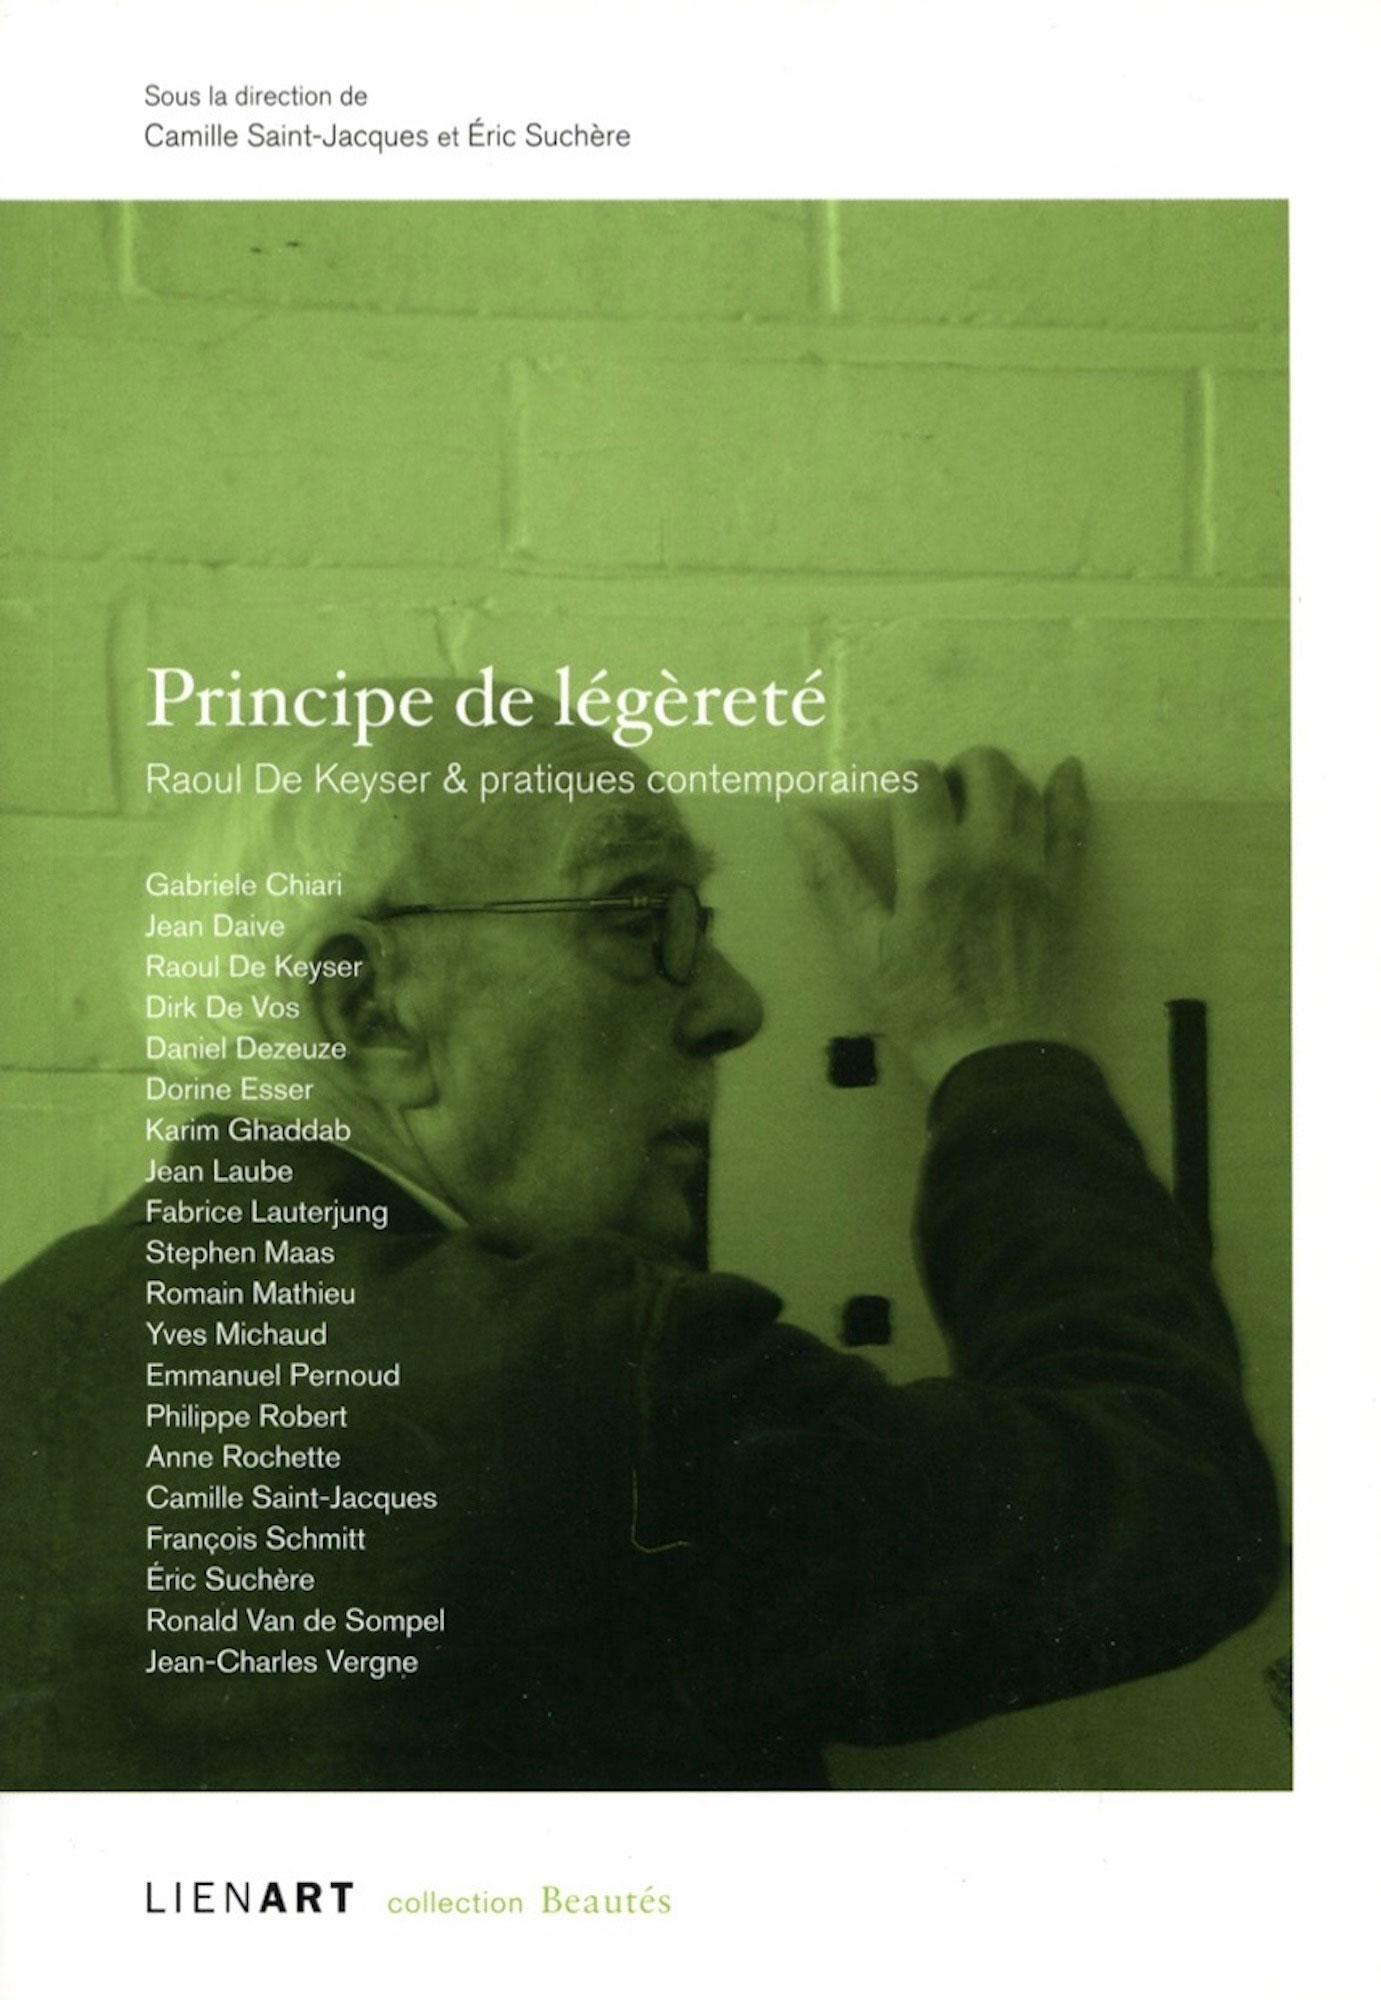 Principe de légèreté, Raoul de Keyser &pratiques contemporaines